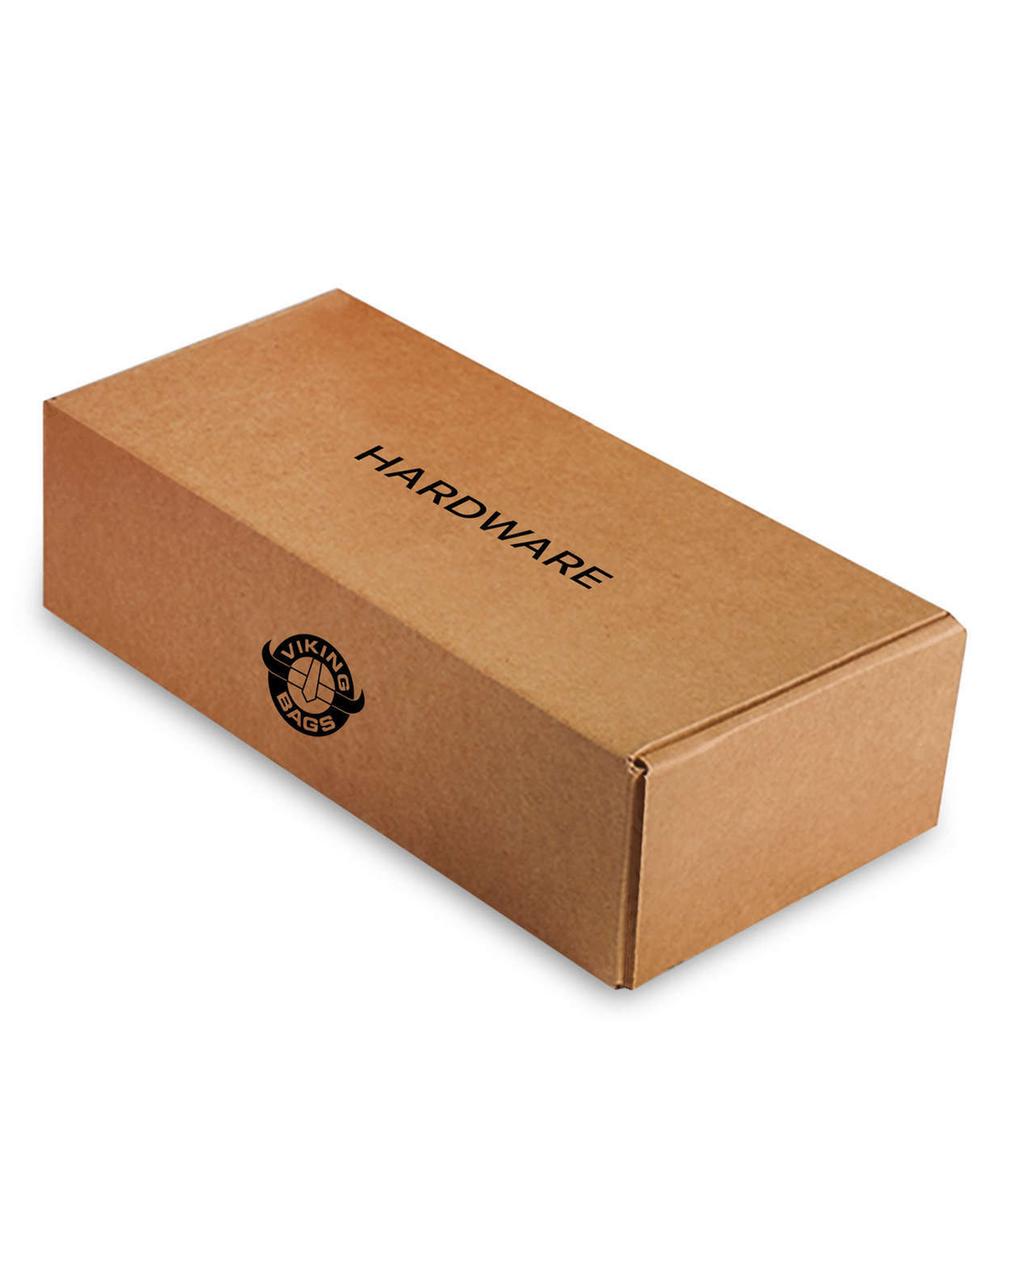 Triumph Rocket III Range SS Slanted Studded Medium Motorcycle Saddlebags Box